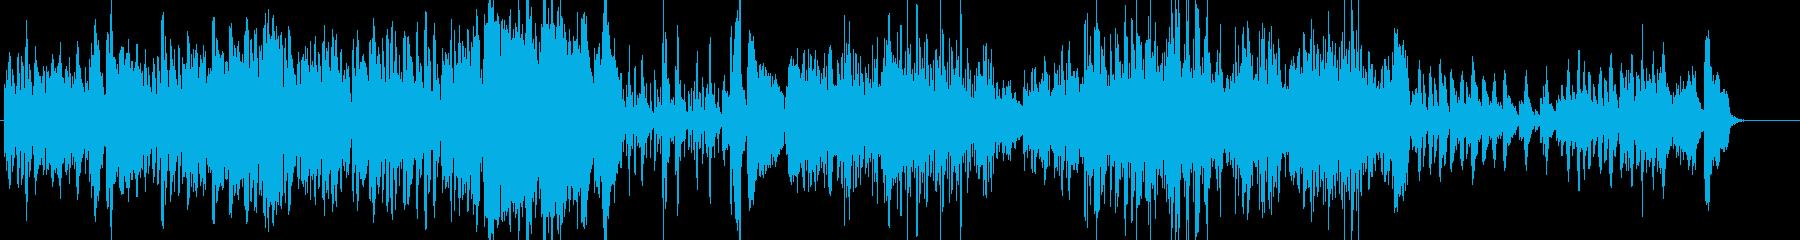 バロック風なチェンバロ曲の再生済みの波形